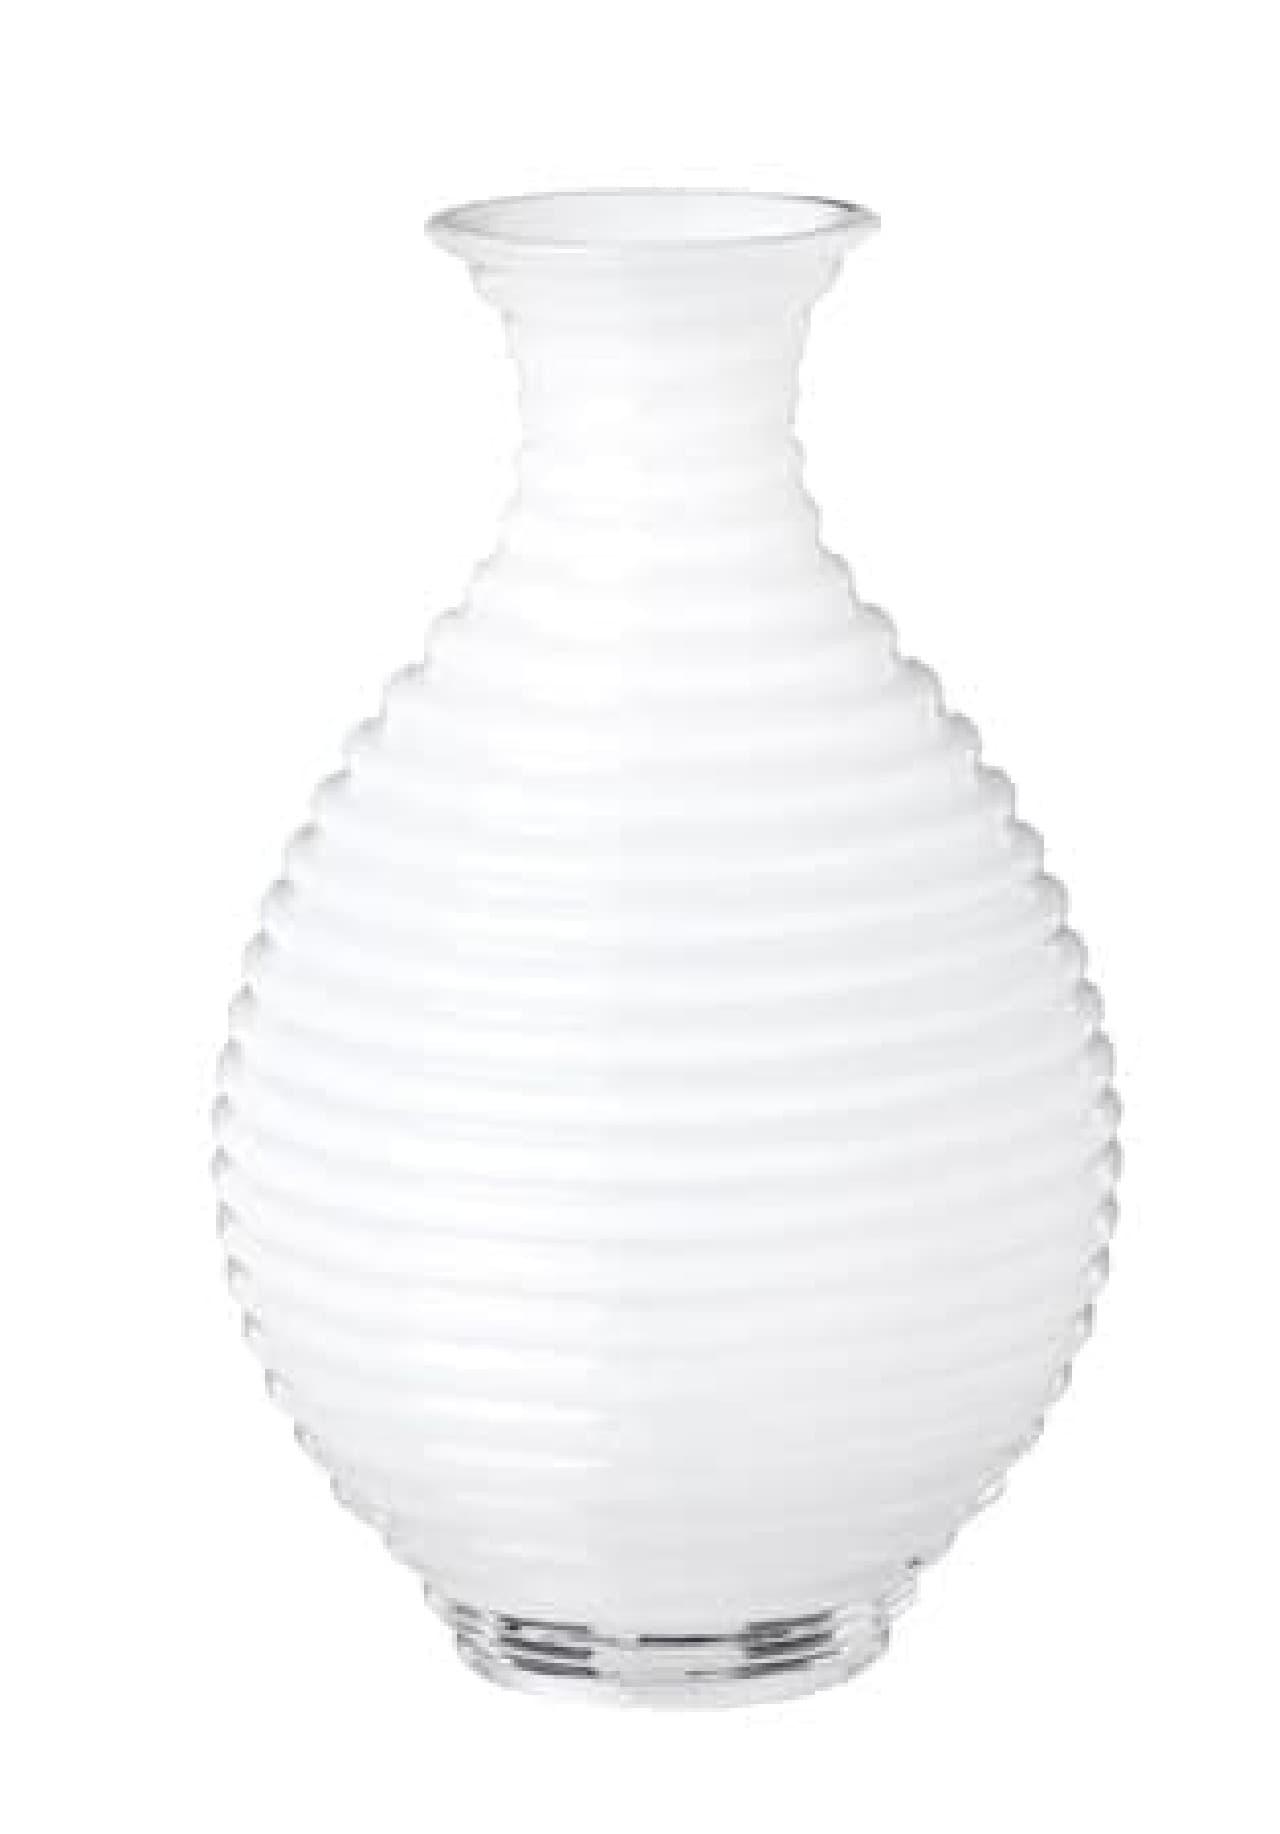 新生活を彩る♪ イケアの限定コレクション「インビューデン」食器・花瓶など28アイテム